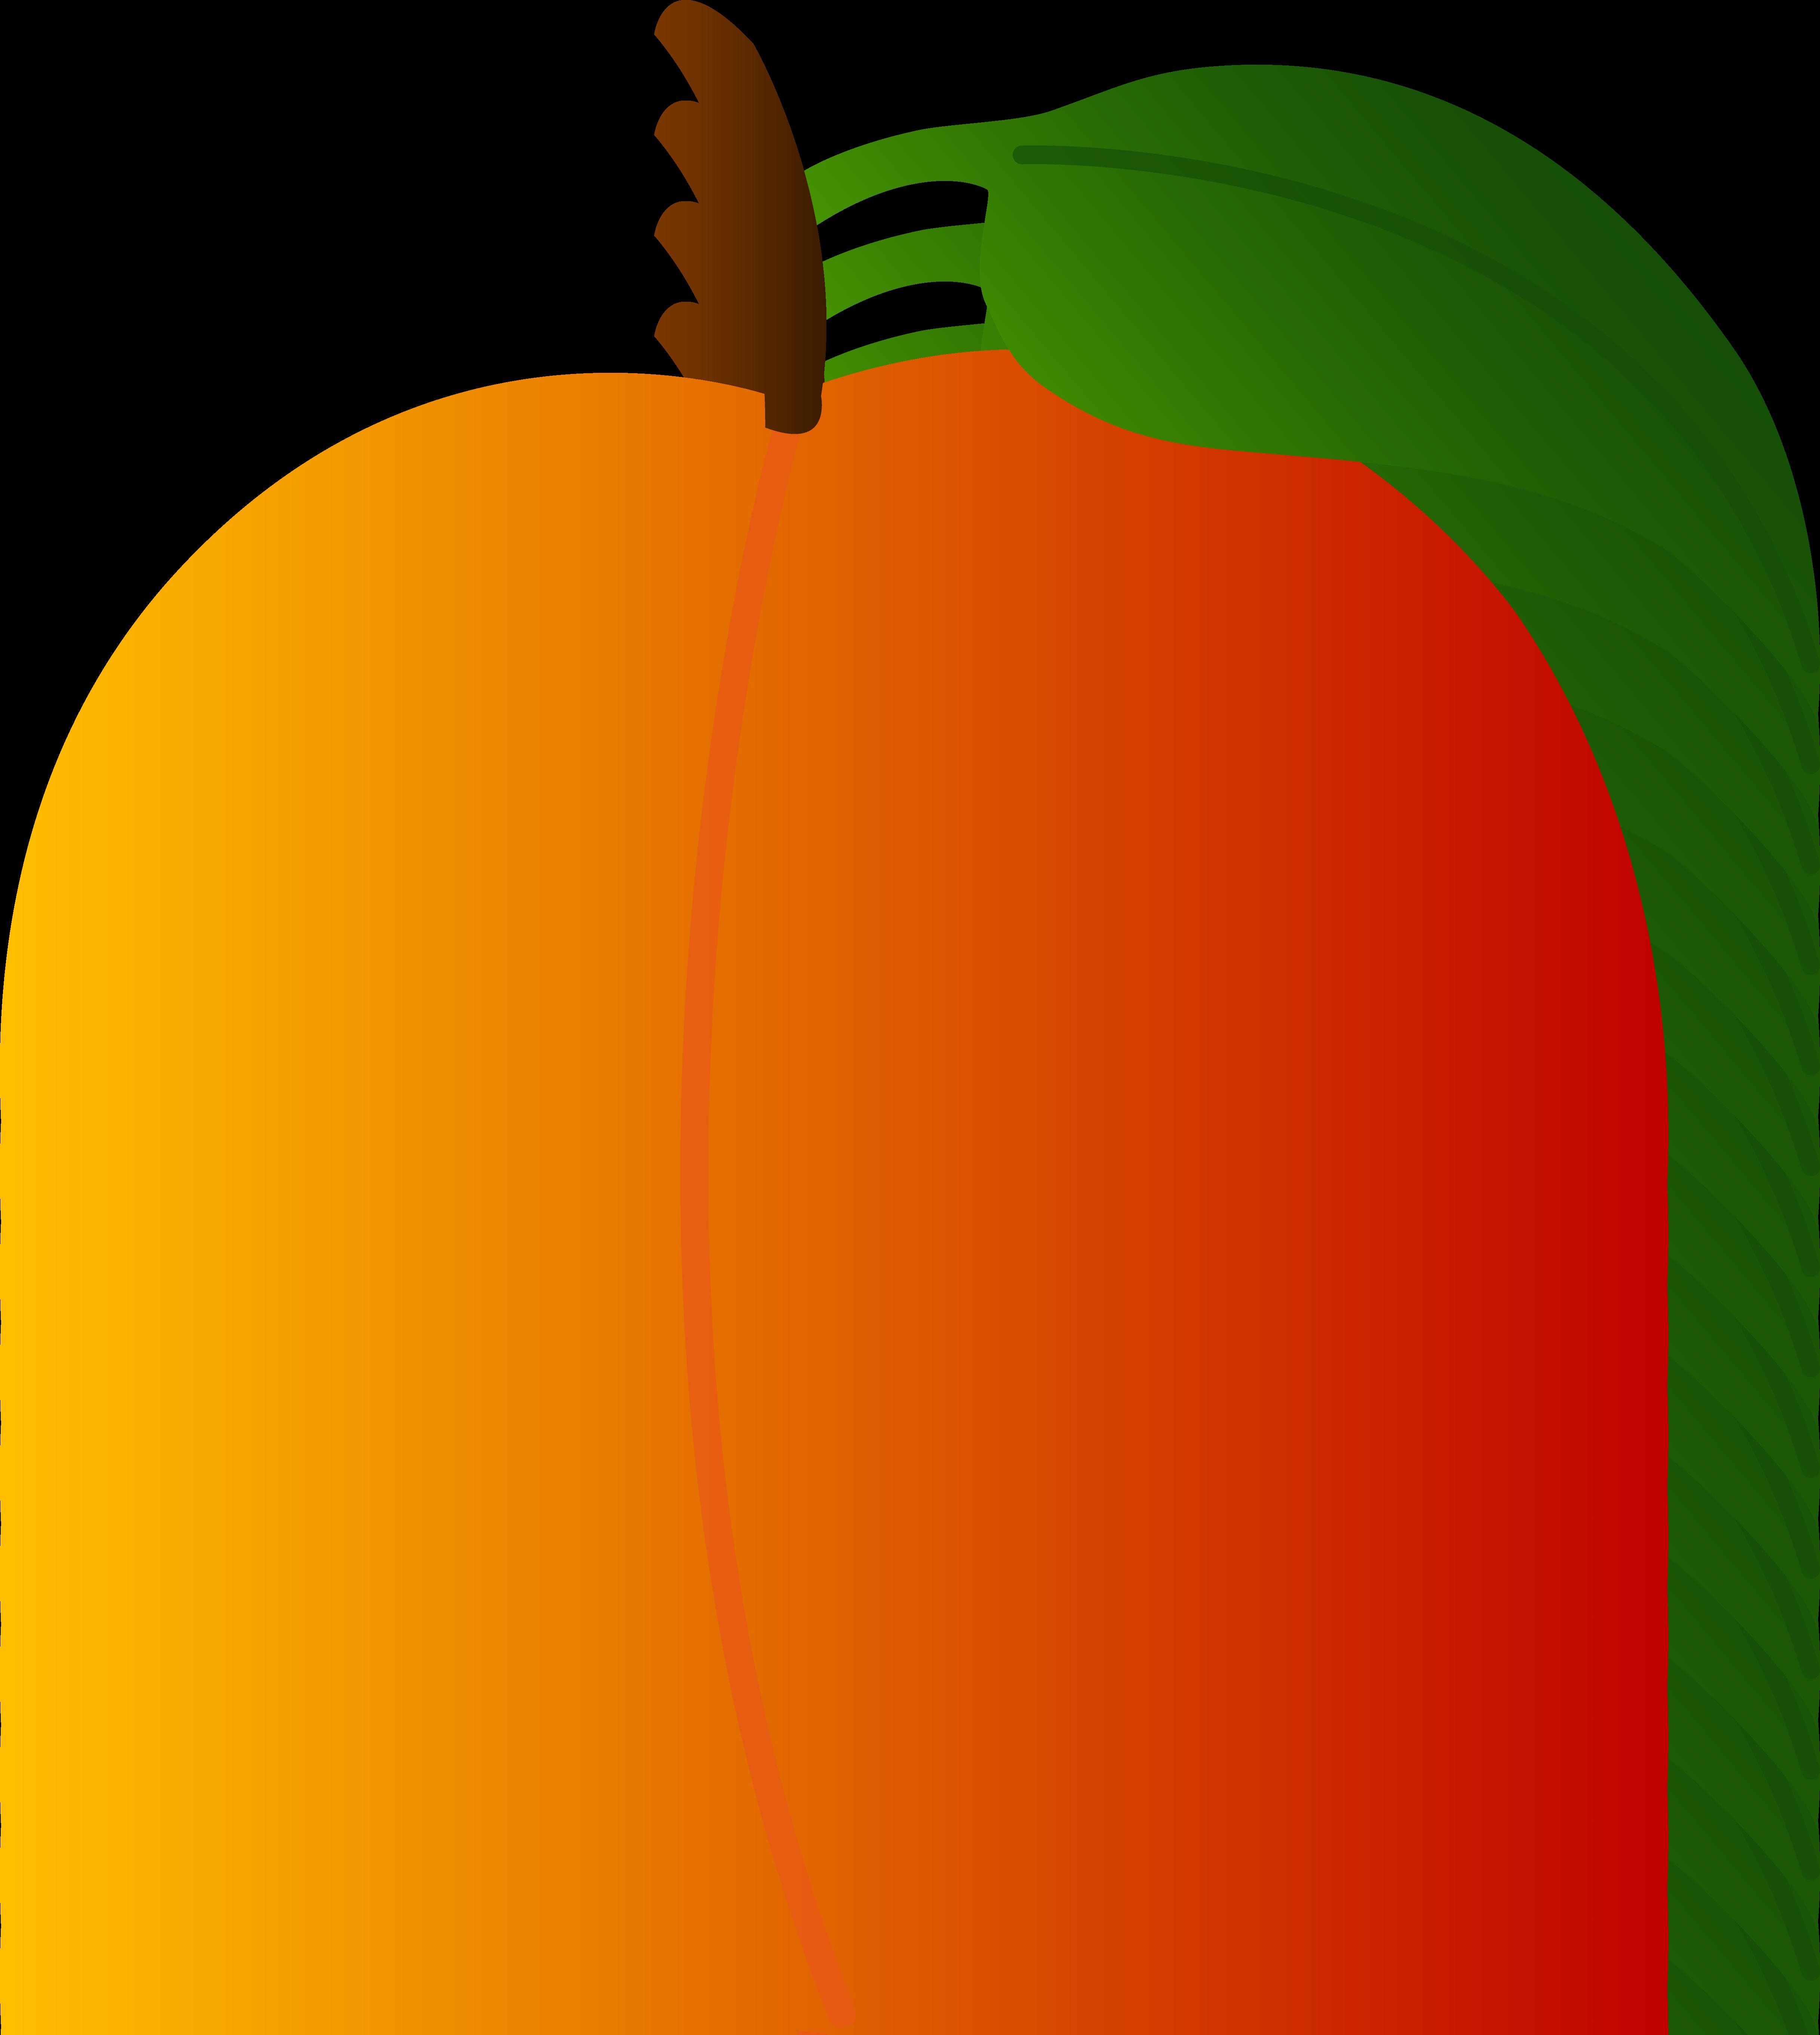 Peach clip art free. Fruits clipart orange